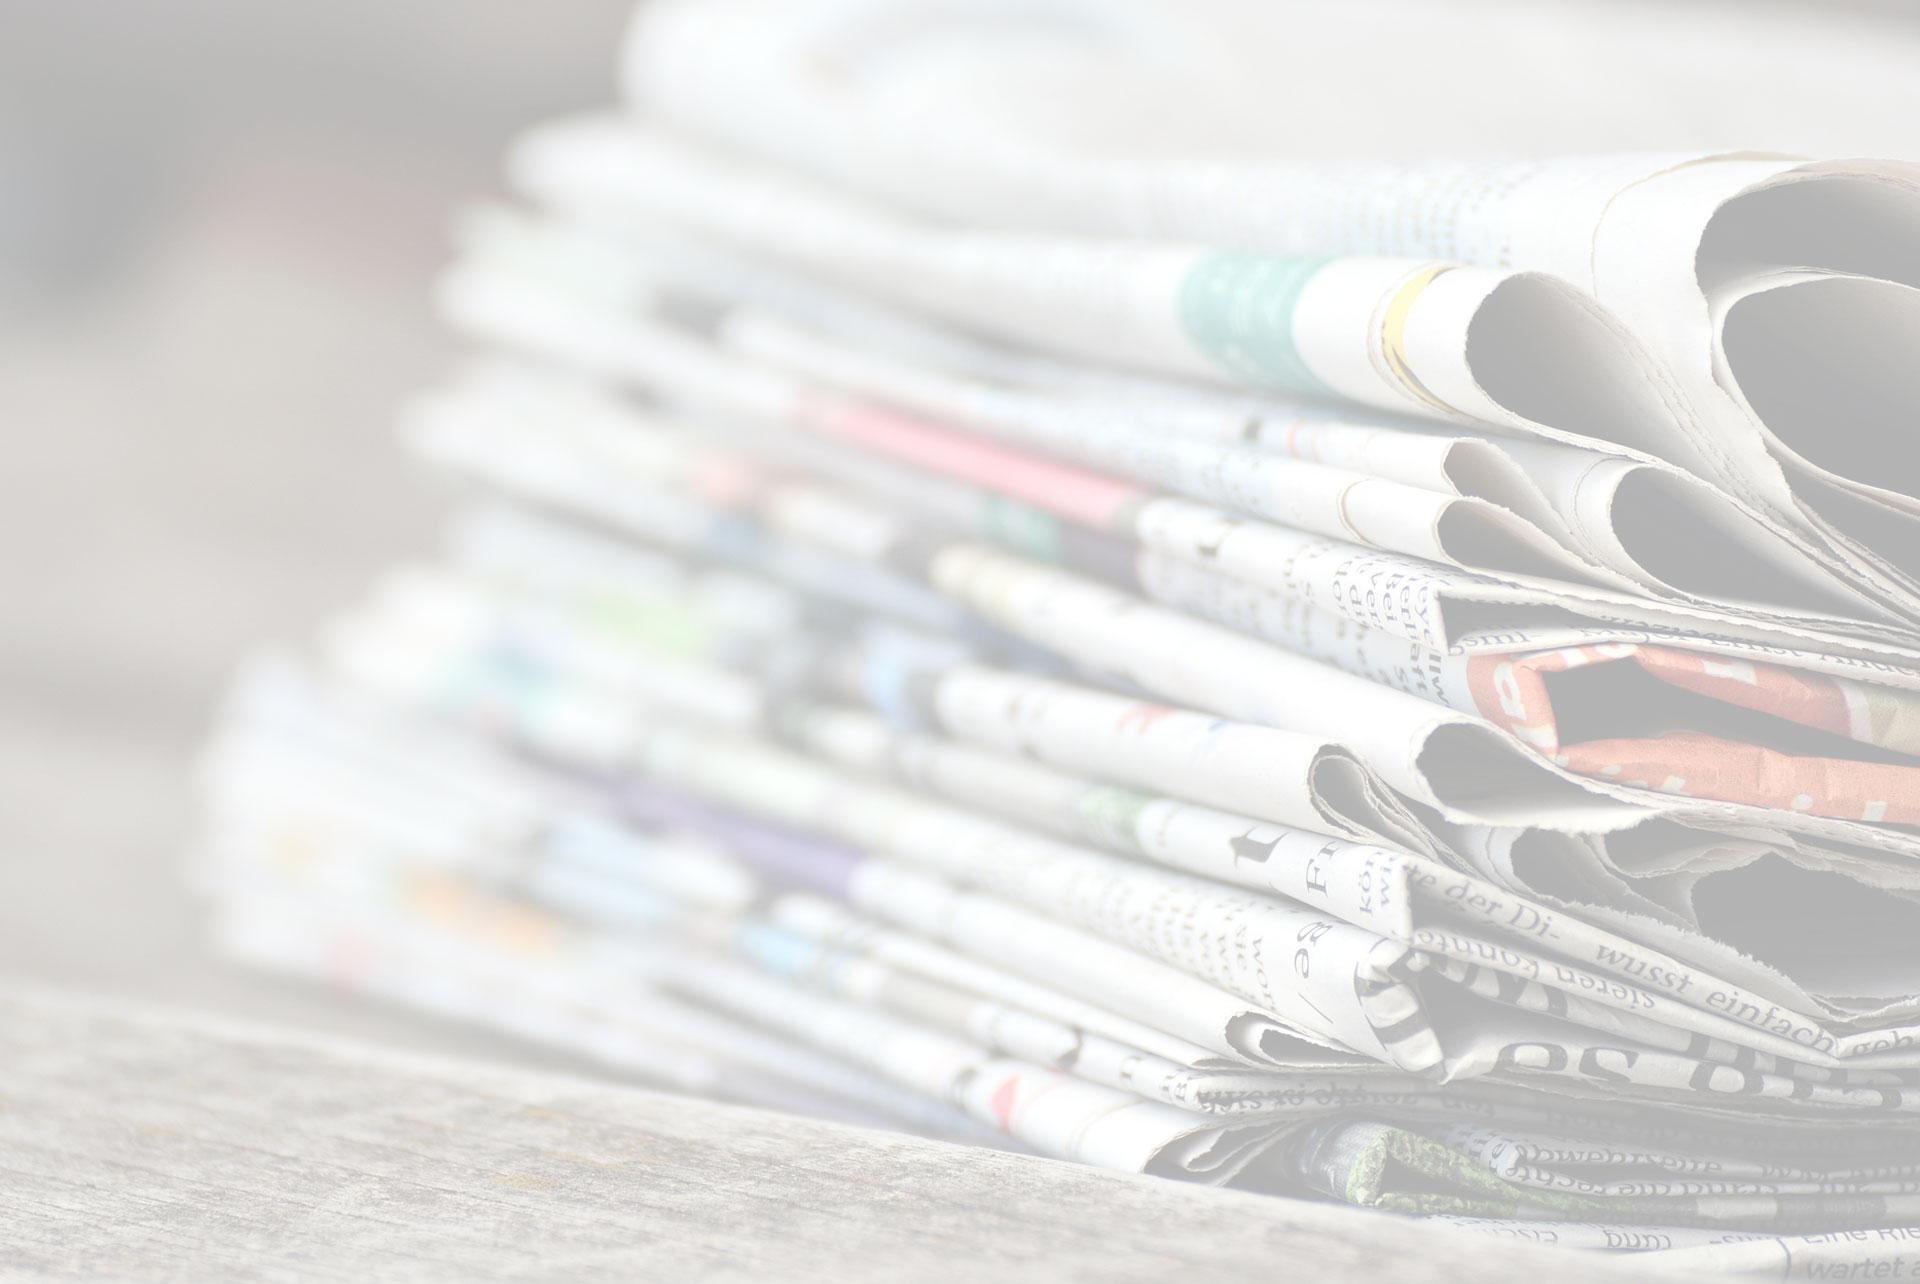 Silvio Busaferro